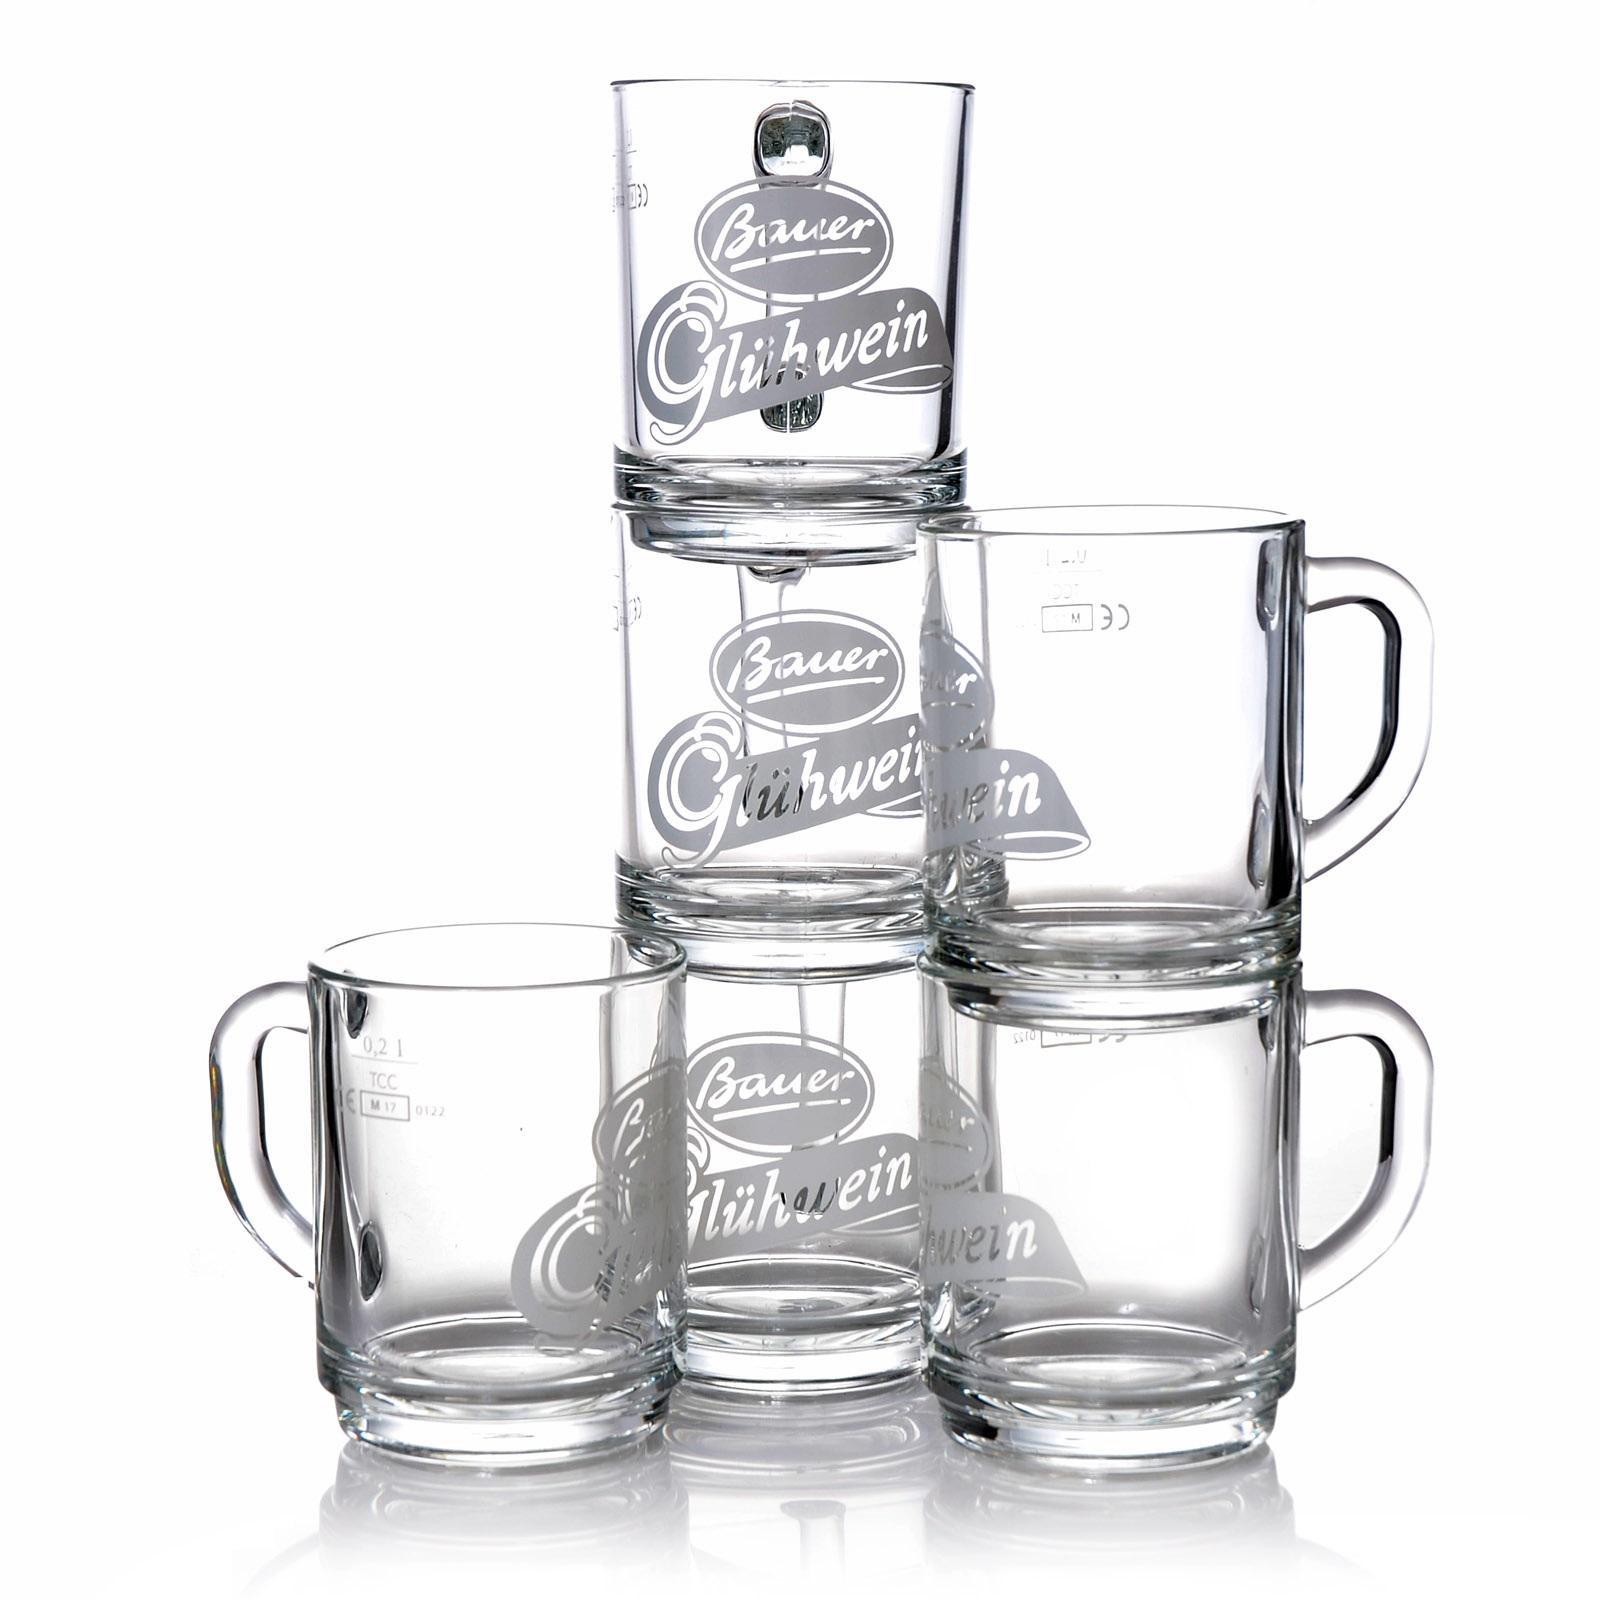 Glühweingläser Bauer 0,2l Tee Glas 12 Punsch Gläser m. Henkel Glühweinbecher